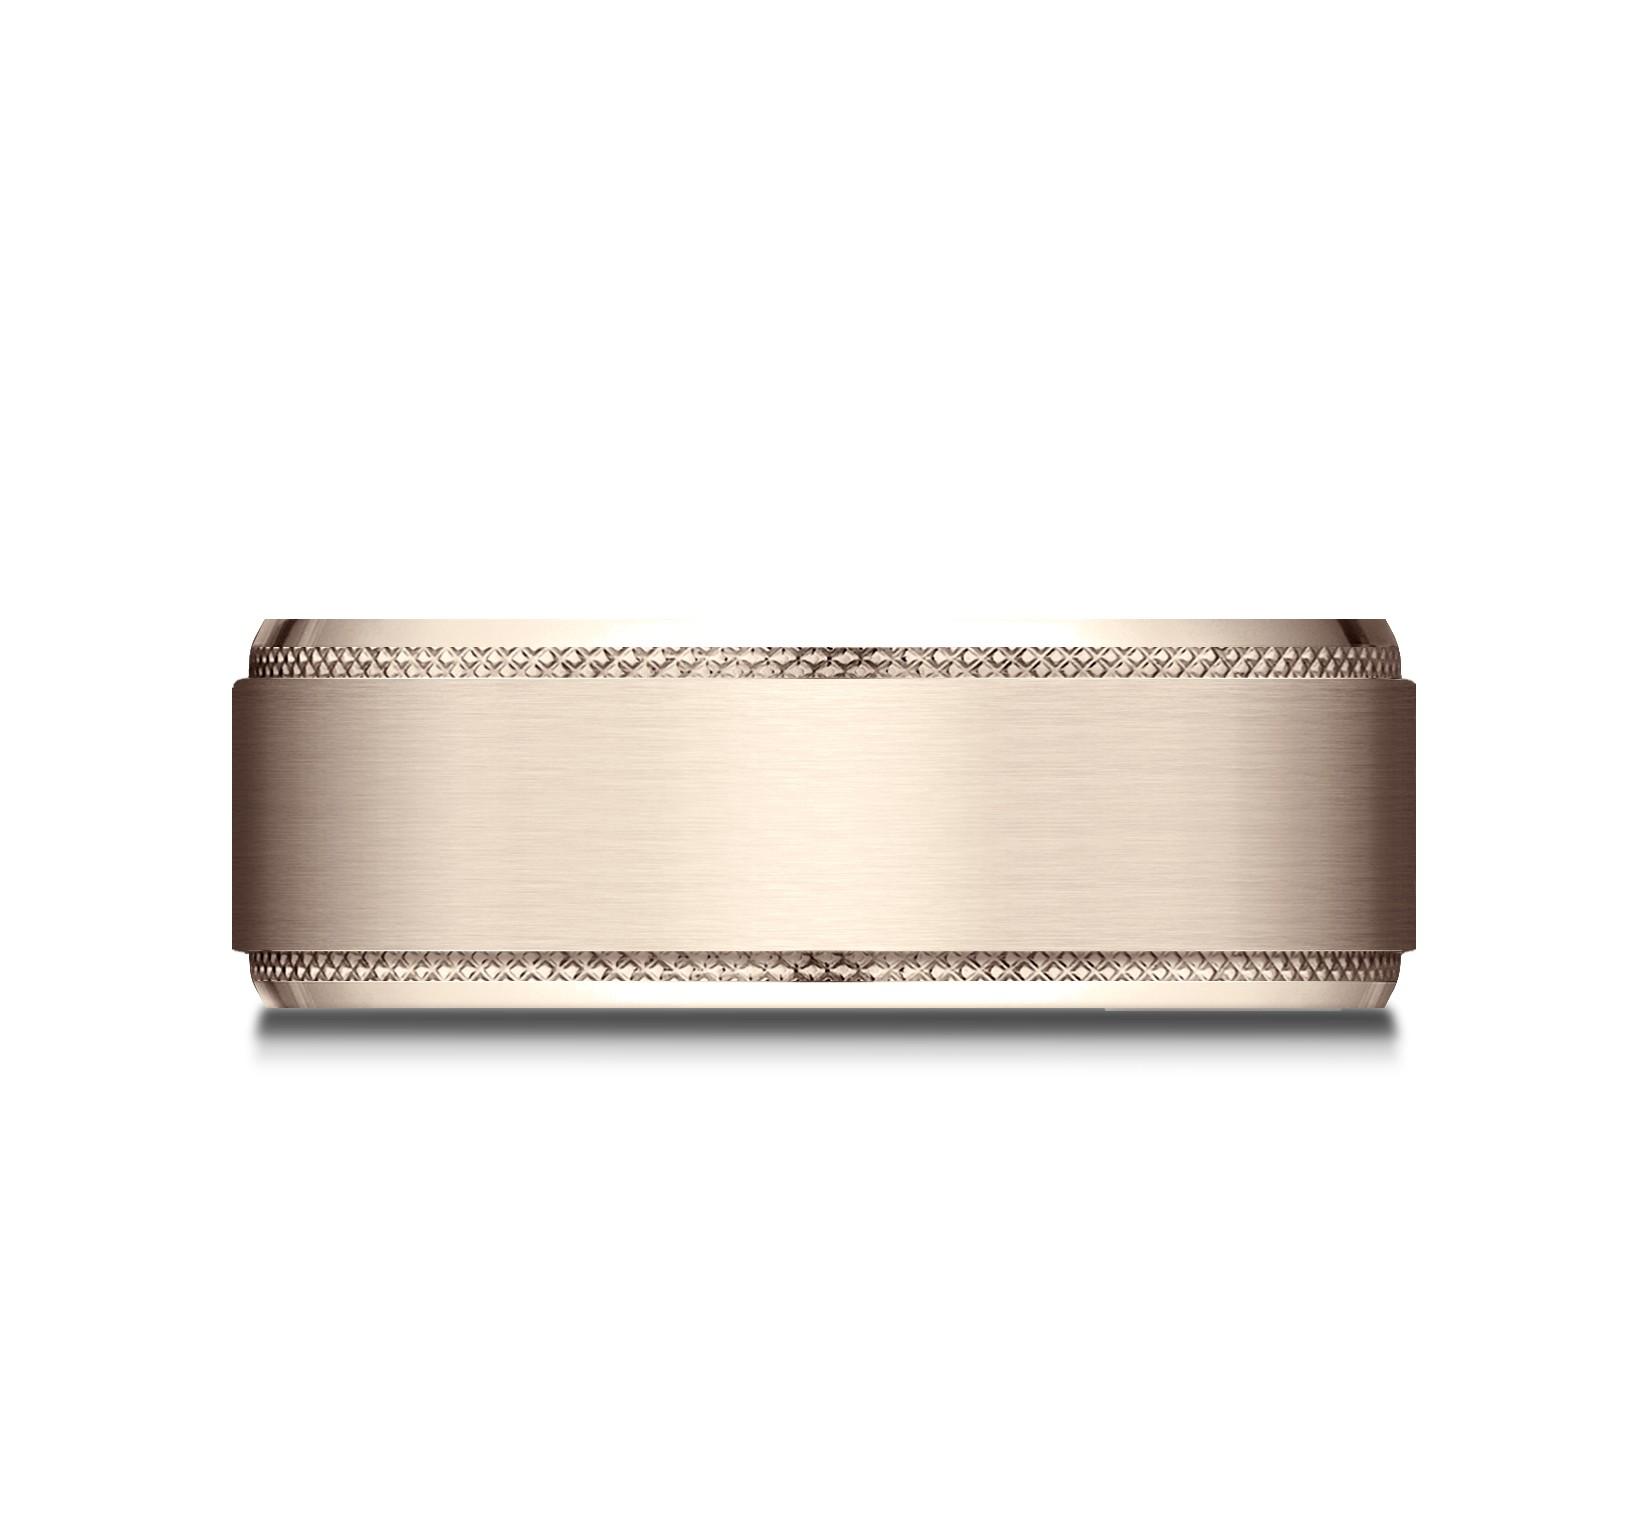 14k Rose Gold 8mm Comfort Fit Knurled Drop Bevel Satin Finish Design Band